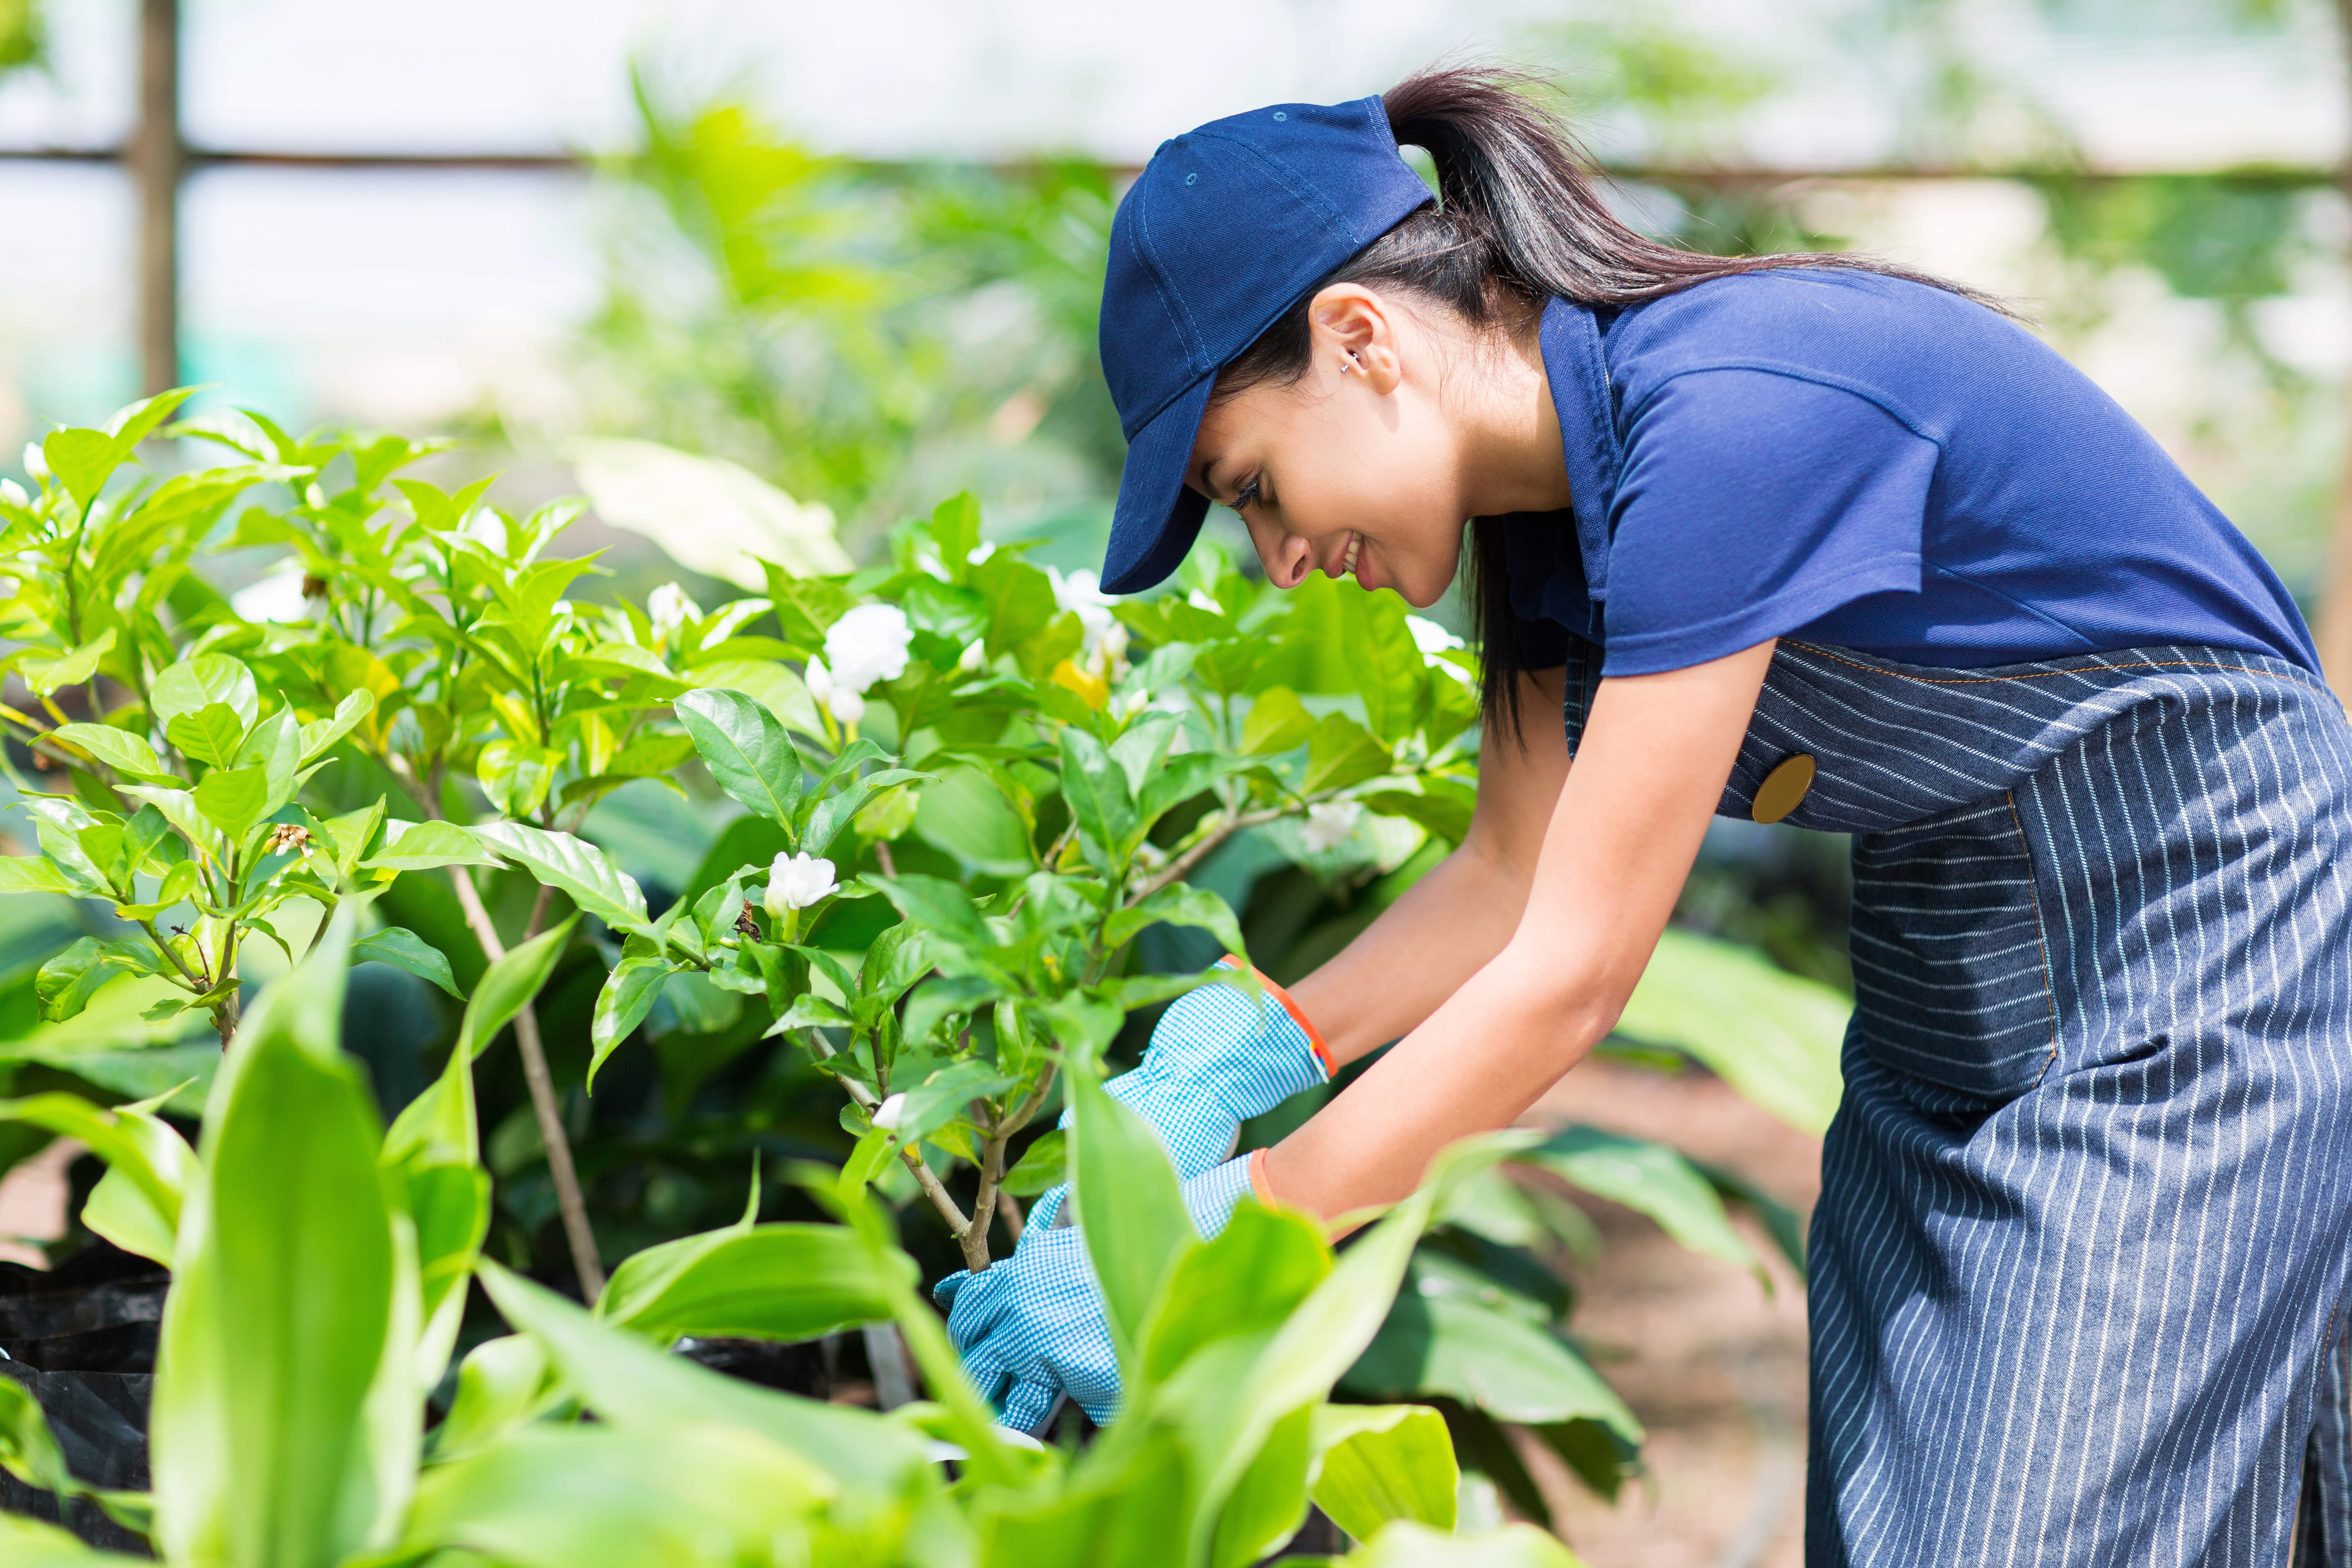 Mujer trabajando en el jardín